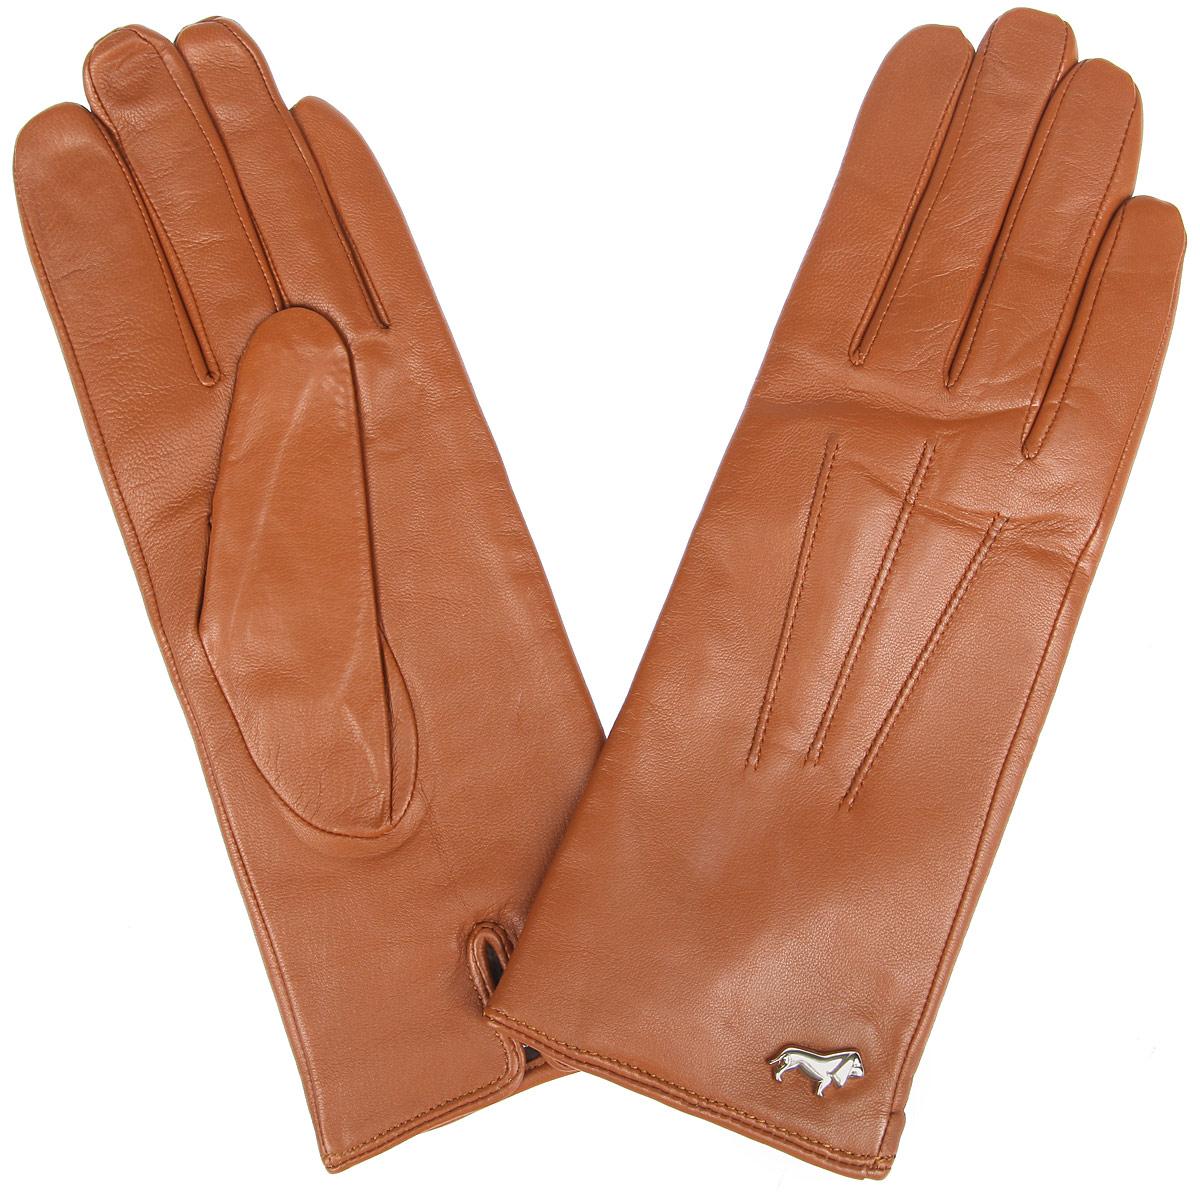 ПерчаткиLB-4607Стильные женские перчатки Labbra не только защитят ваши руки от холода, но и станут великолепным украшением. Перчатки выполнены из из натуральной кожи ягненка с подкладкой из шерсти и акрила. Модель оформлена машинной строчкой три луча и фирменным декоративным элементом в виде собачки. В настоящее время перчатки являются неотъемлемой частью одежды, вместе с этим аксессуаром вы обретаете женственность и элегантность. Перчатки станут завершающим и подчеркивающим элементом вашего стиля и неповторимости.